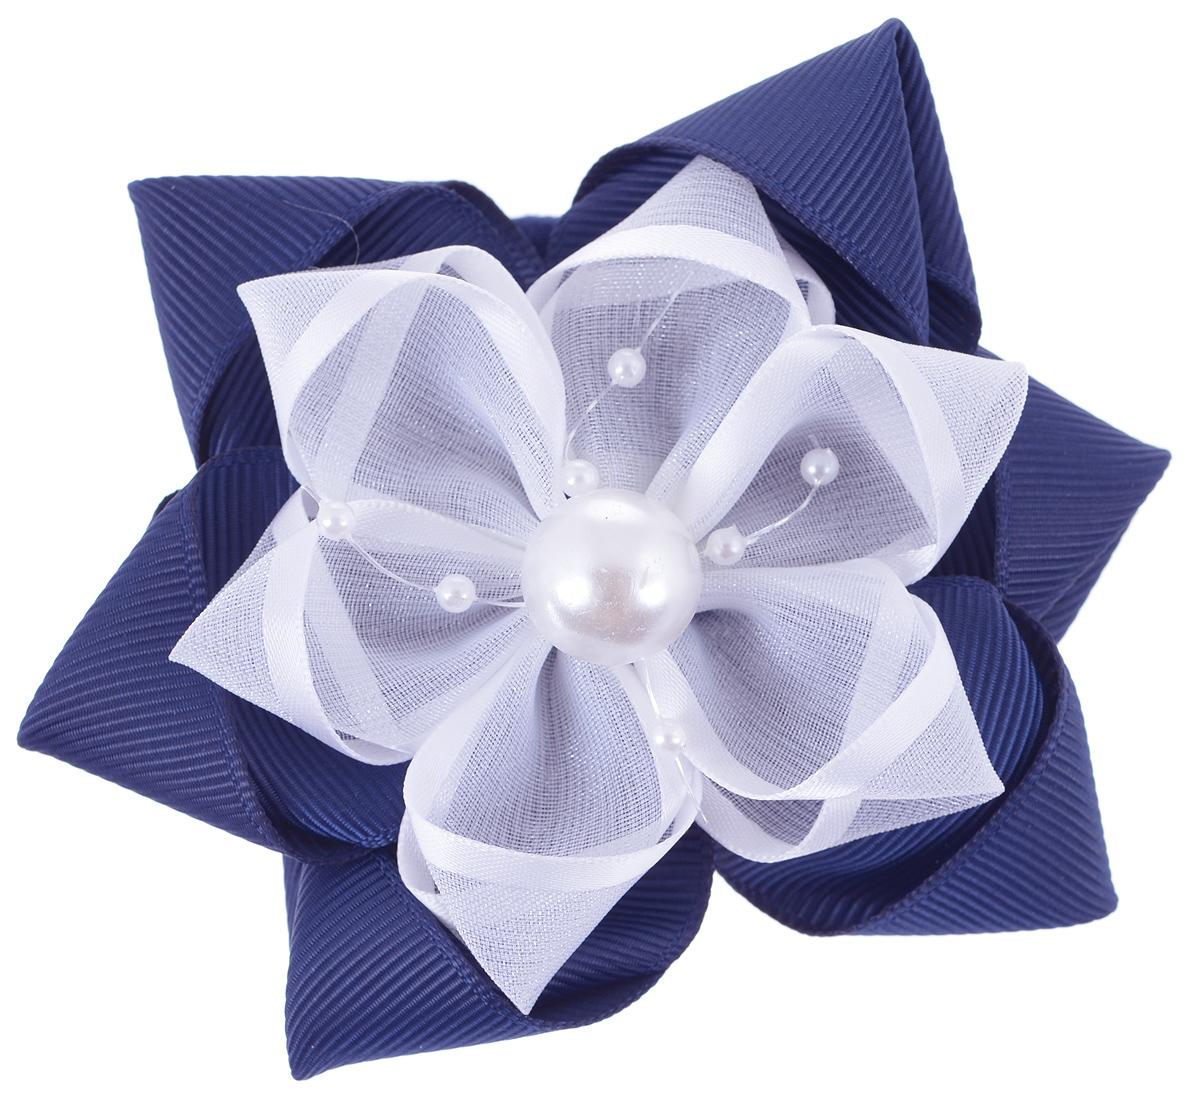 Резинка для волос Baby's Joy, цвет: синий. MN 189